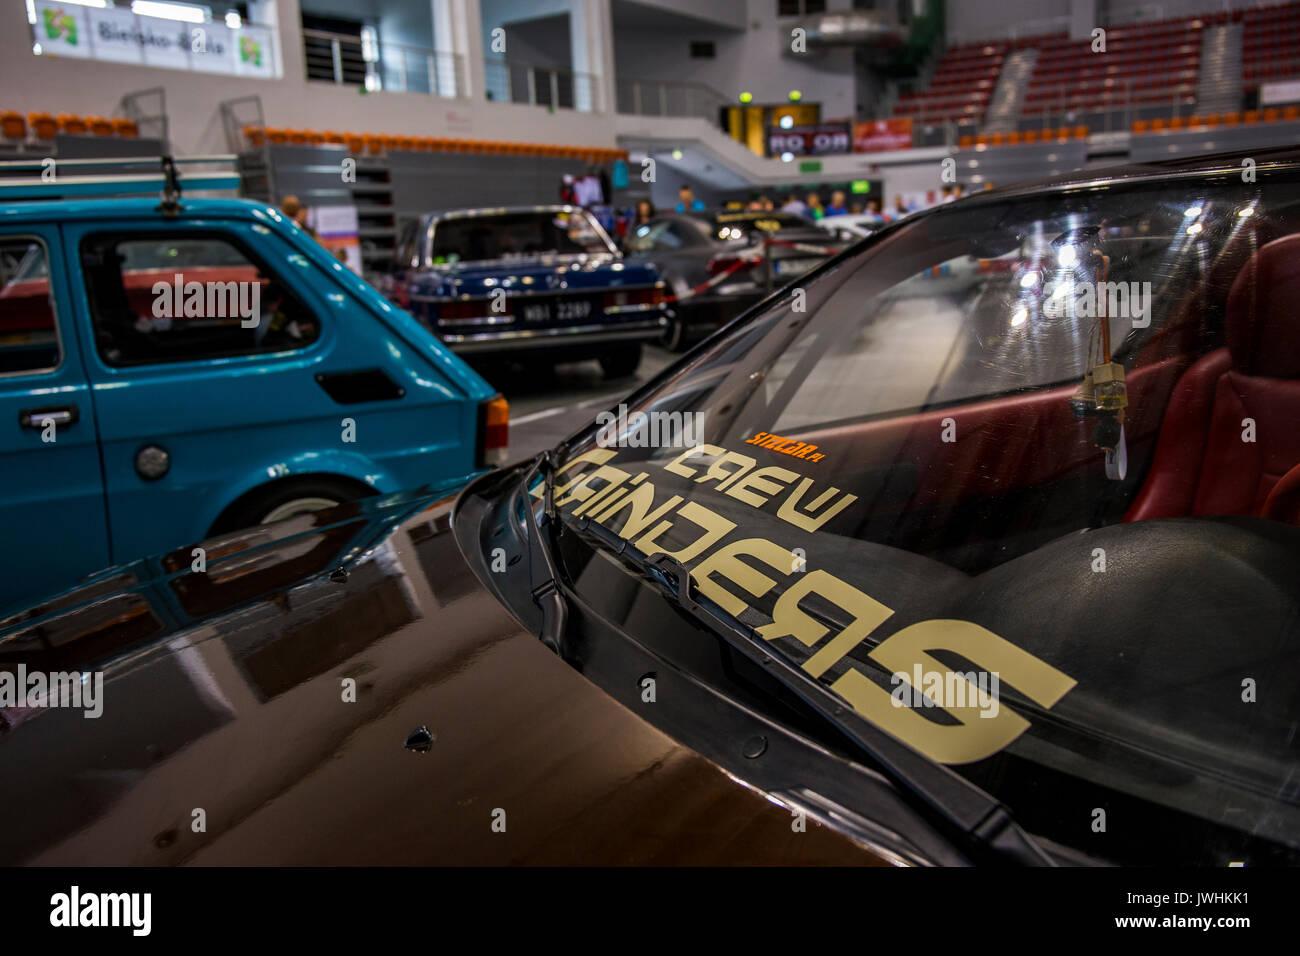 Bielsko-Biala, Poland. 12th Aug, 2017. International automotive trade fairs - MotoShow Bielsko-Biala. Crew Grinders Stock Photo